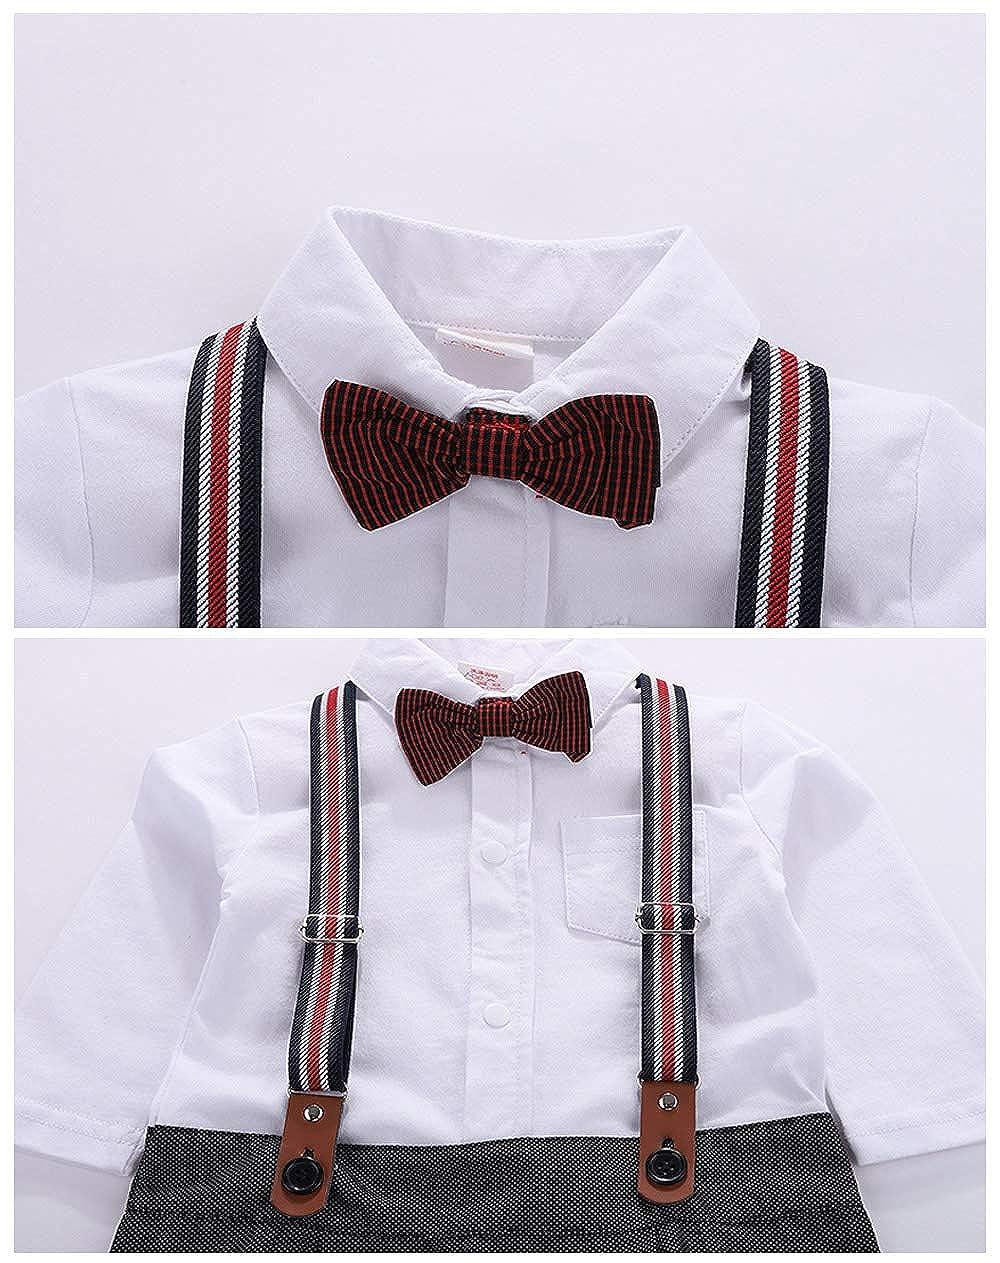 Pantalon Carreaux Noir Coton Gentleman Bapt/ême Mariage Quotidien /Âge 3-18 Mois Bretelles Boutons cool elves 3 PCs V/êtements Suite B/éb/és Gar/çons Costume Bavette T-Shirt Noeud Papillon Rayure